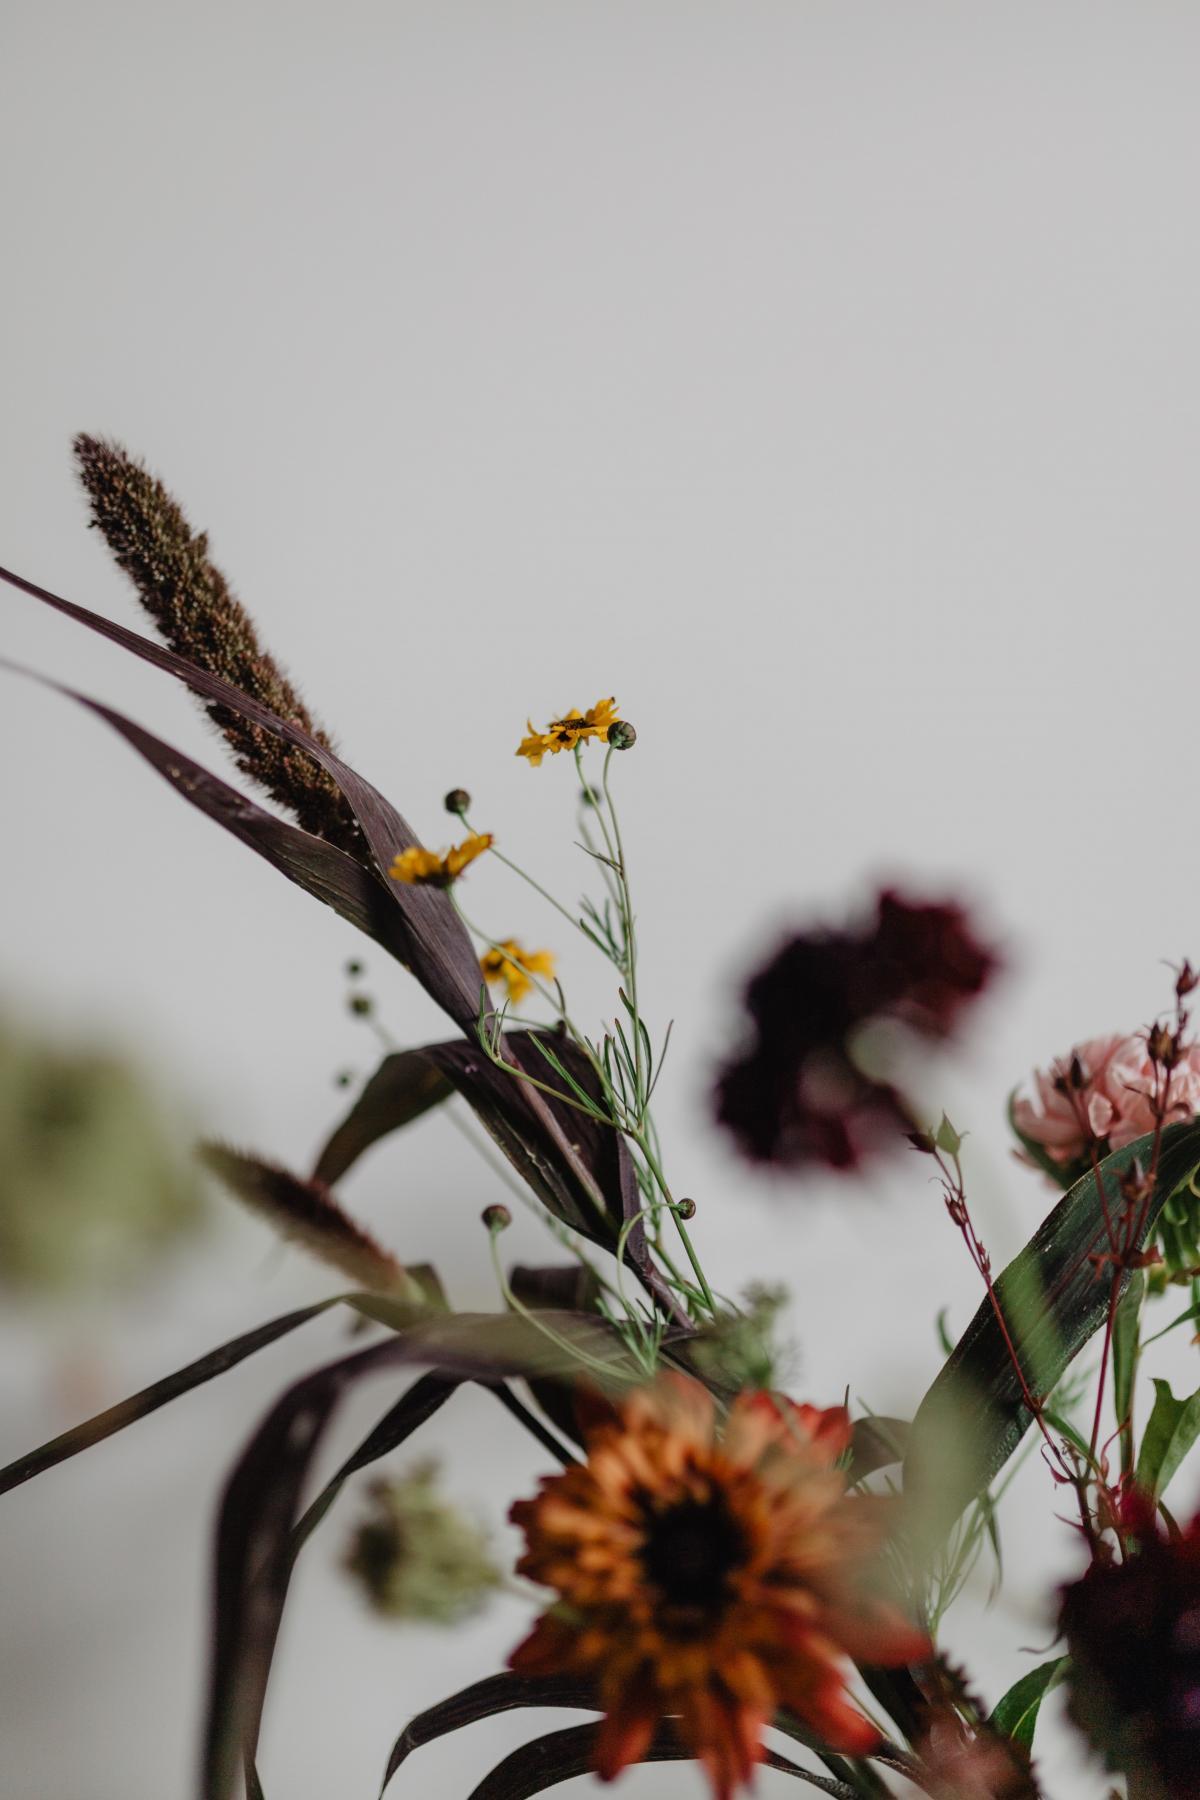 Plant Flower Vascular plant #421217